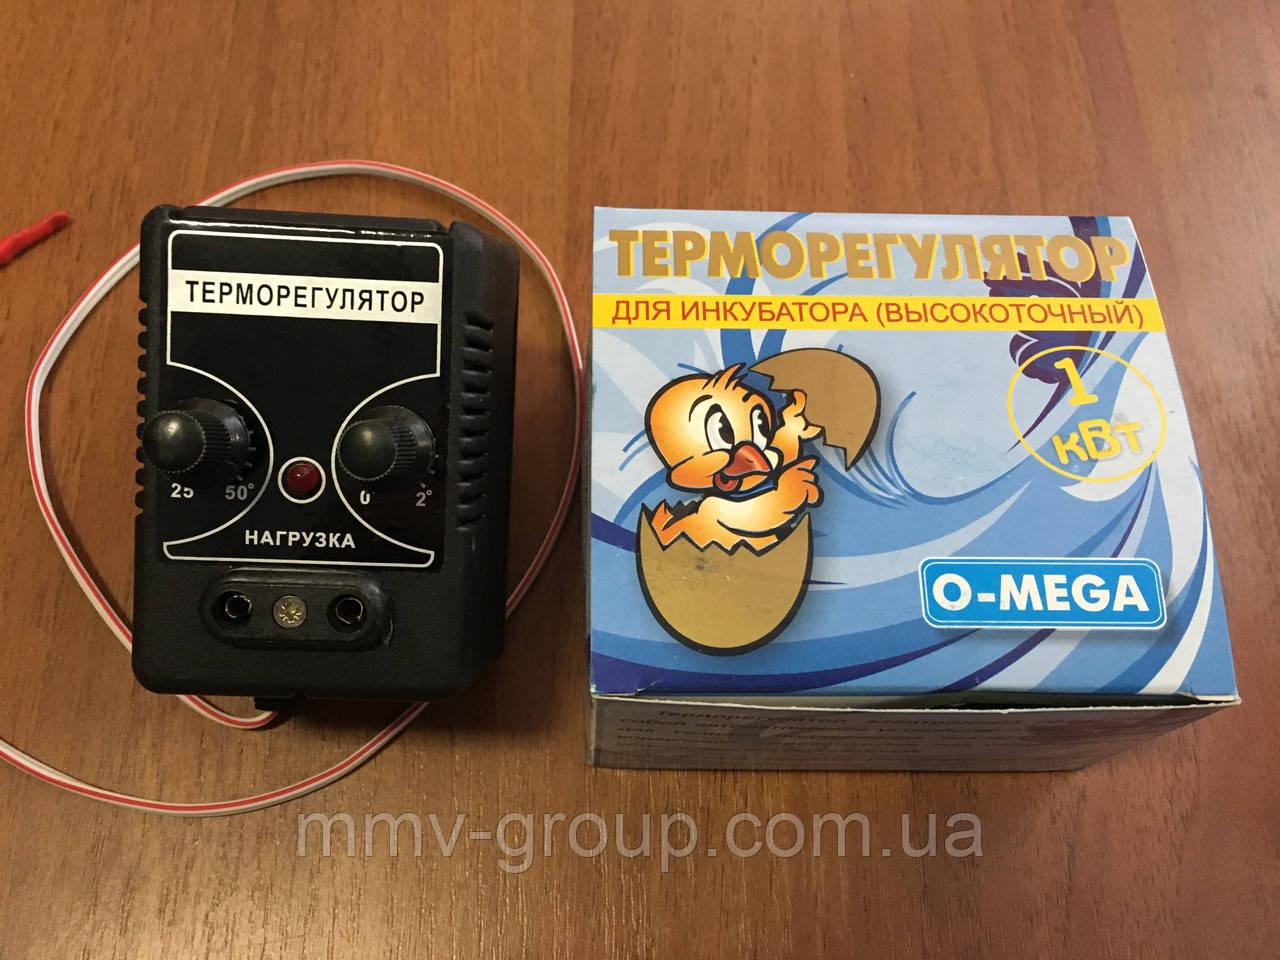 Терморегулятор для инкубатора высокоточный бесконтактный Омега